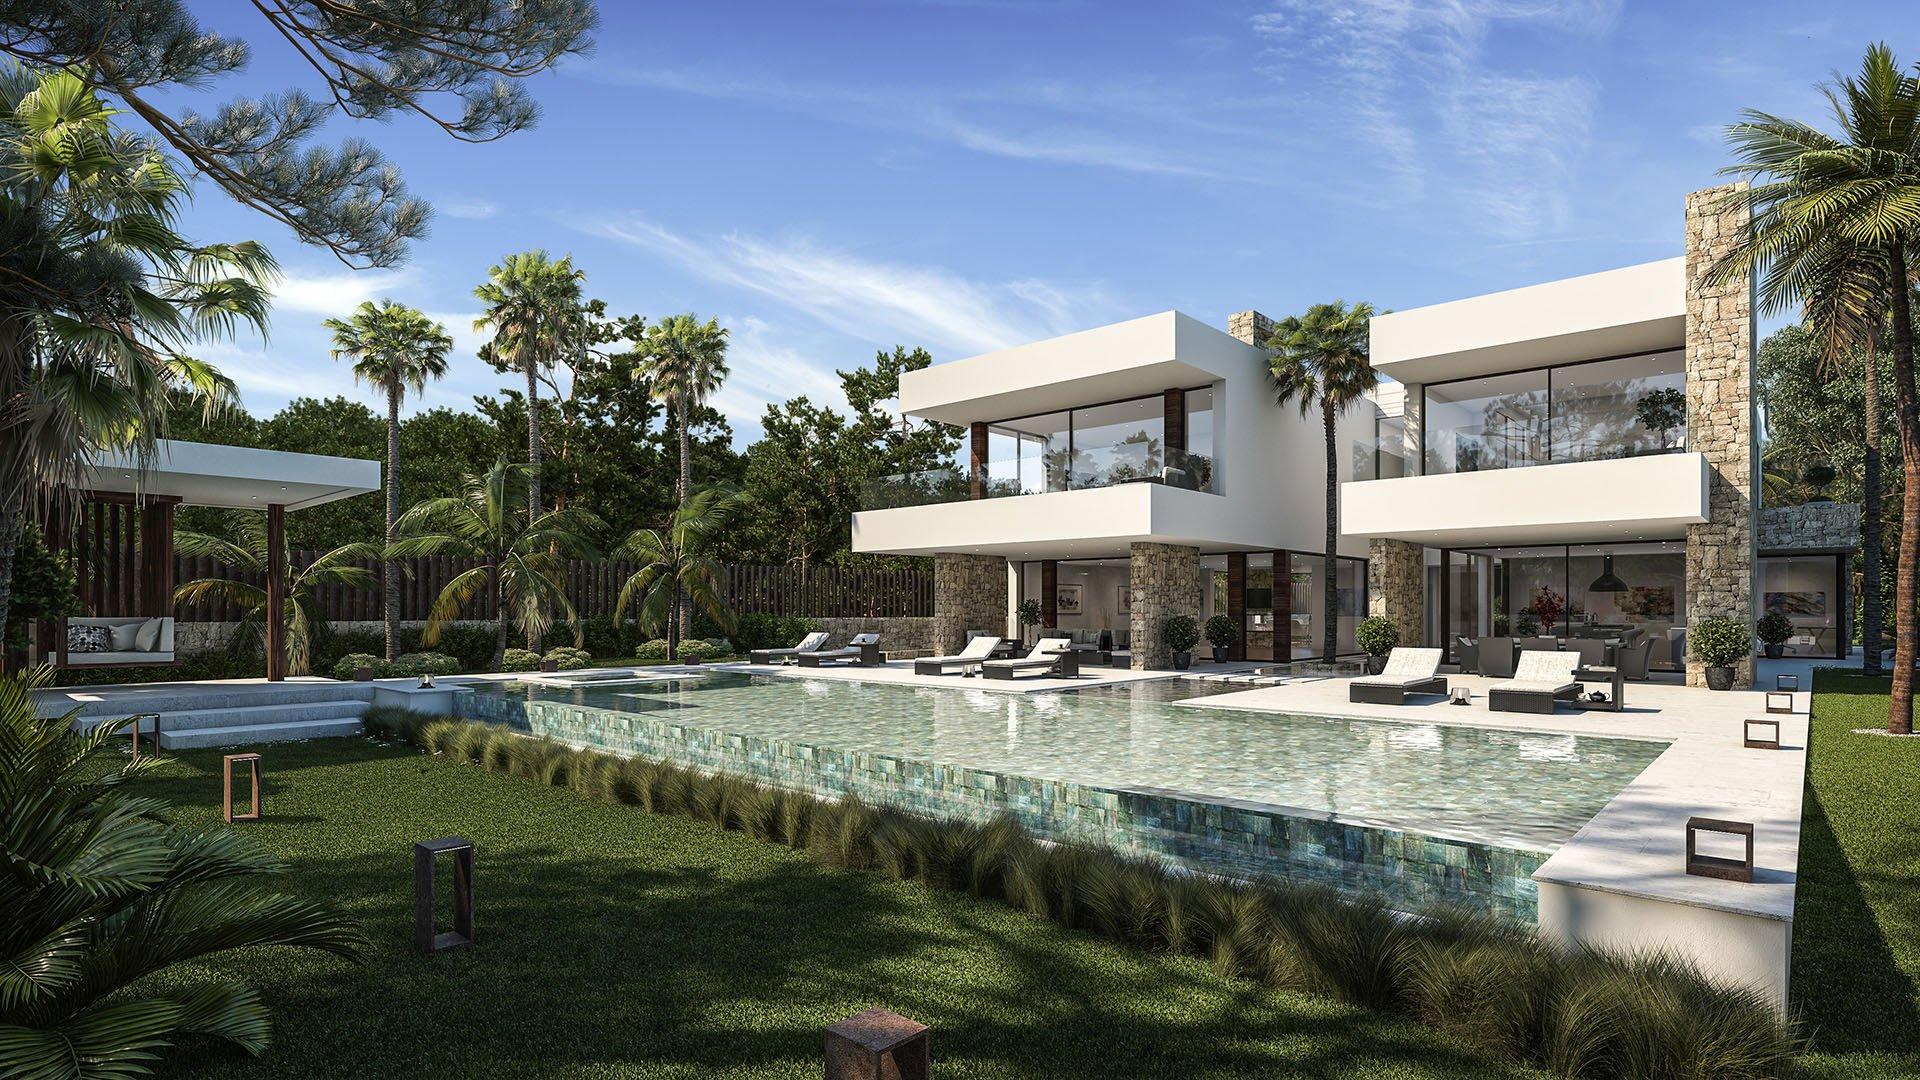 Villa Caleta: Luxury villa at prestigious location in Guadalmina